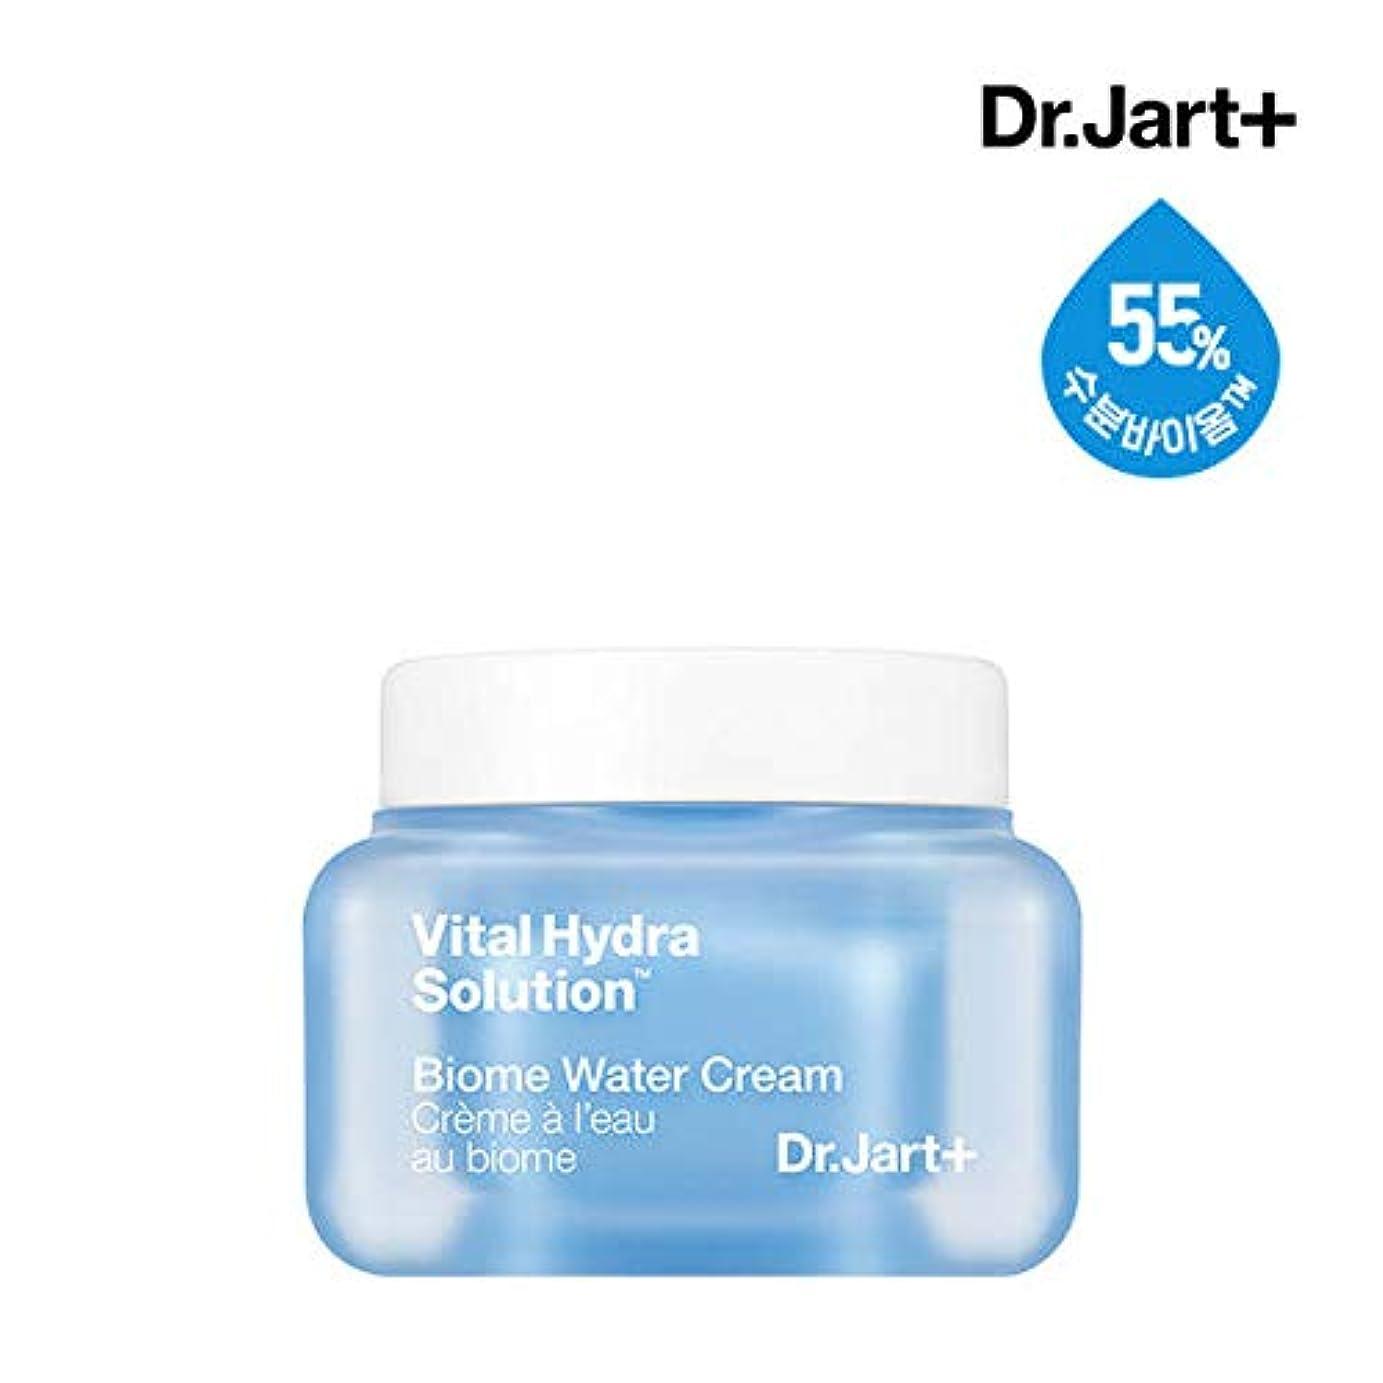 贅沢引き潮恥ずかしいドクタージャルトゥ[Dr.Jart+] バイタルハイドラソリューションバイオームウォータークリーム50ml (Vital Hydra Solution Biome Water Cream) /リフレッシュハイドレーション